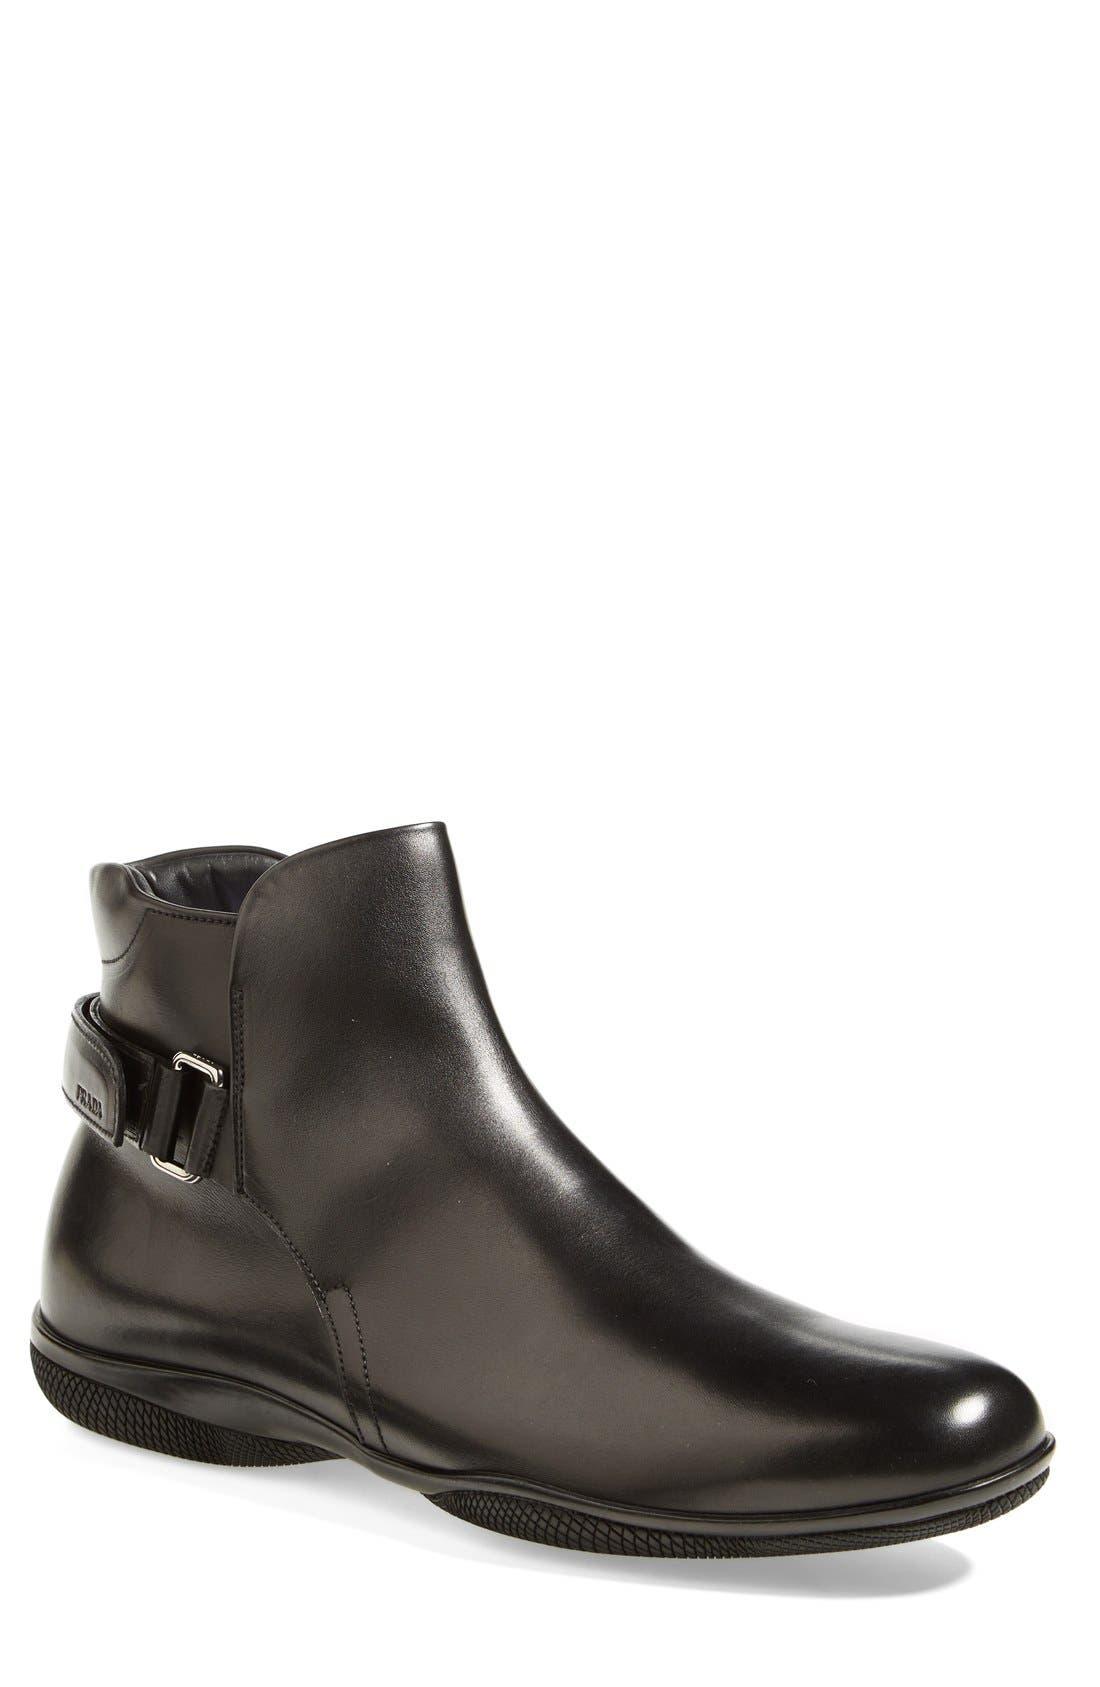 Main Image - Prada 'Toblak' Plain Toe Boot (Men)